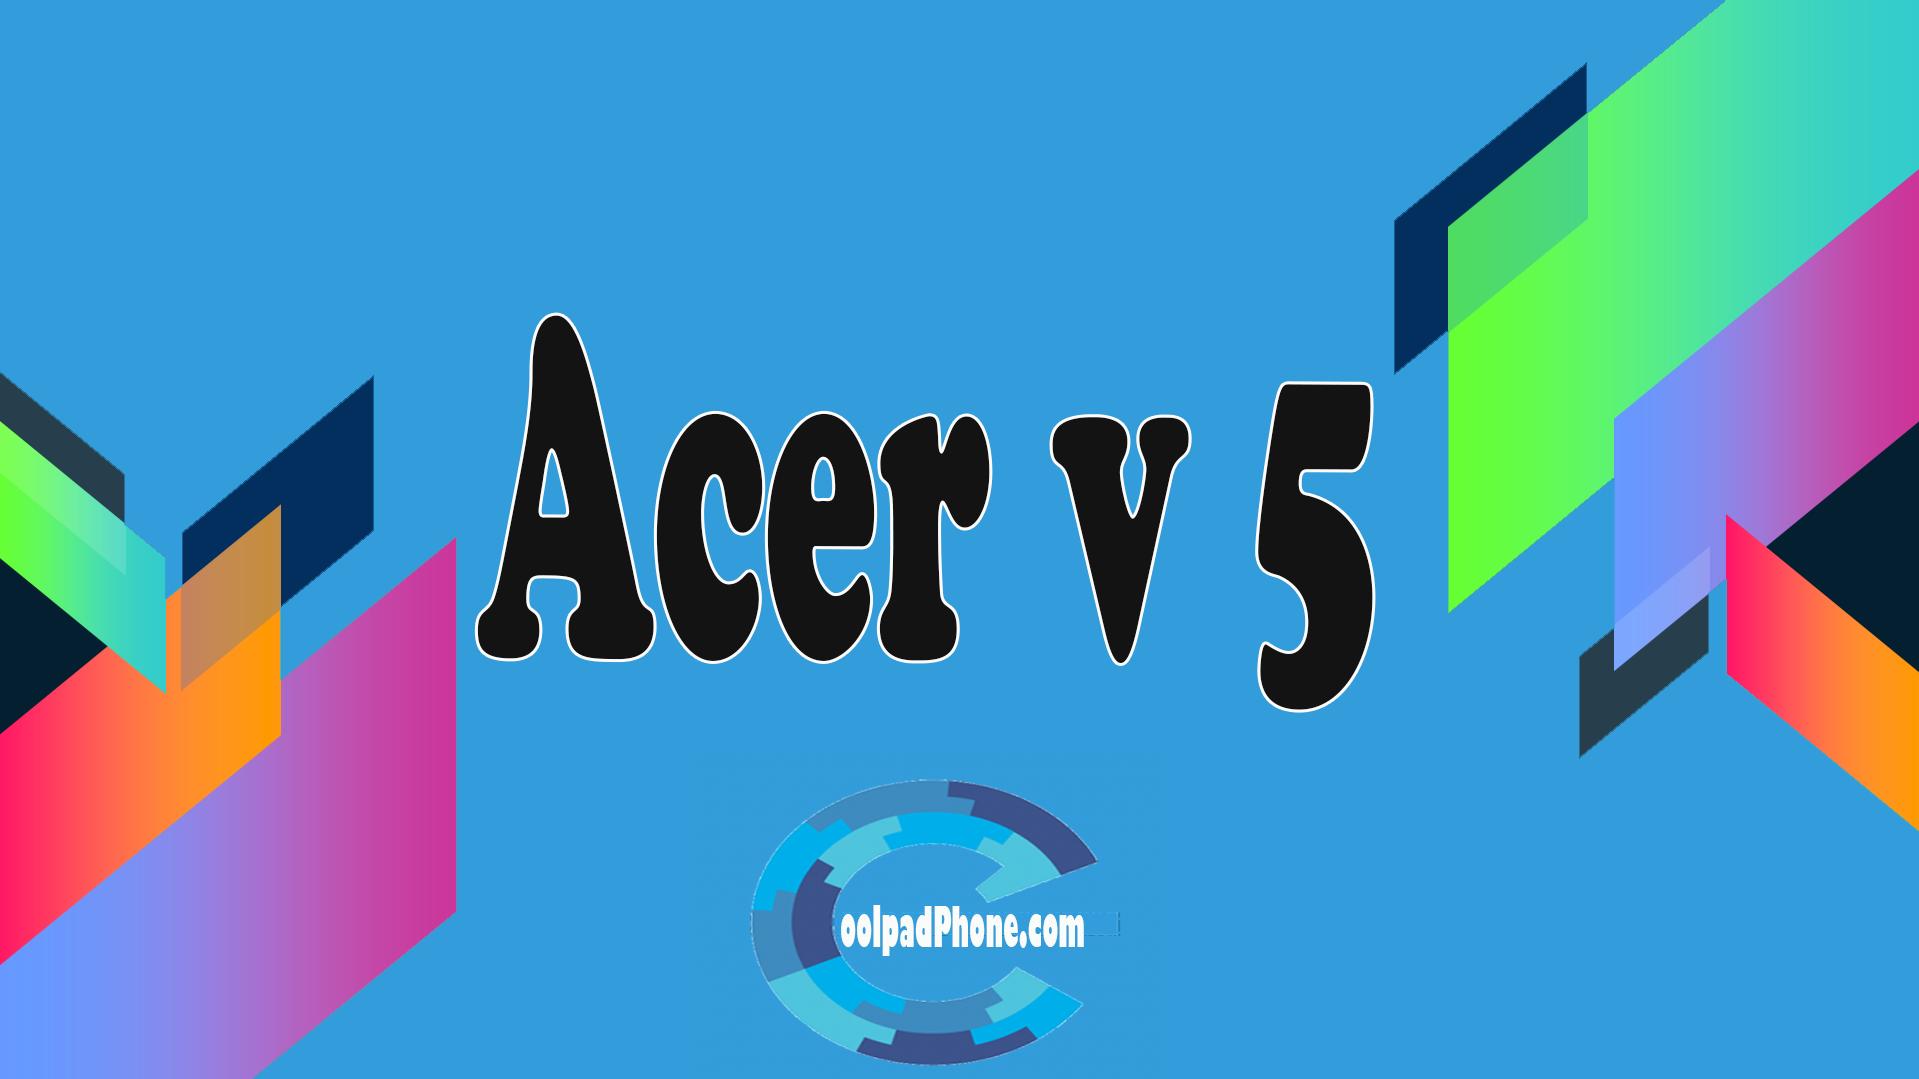 Acer-v-5